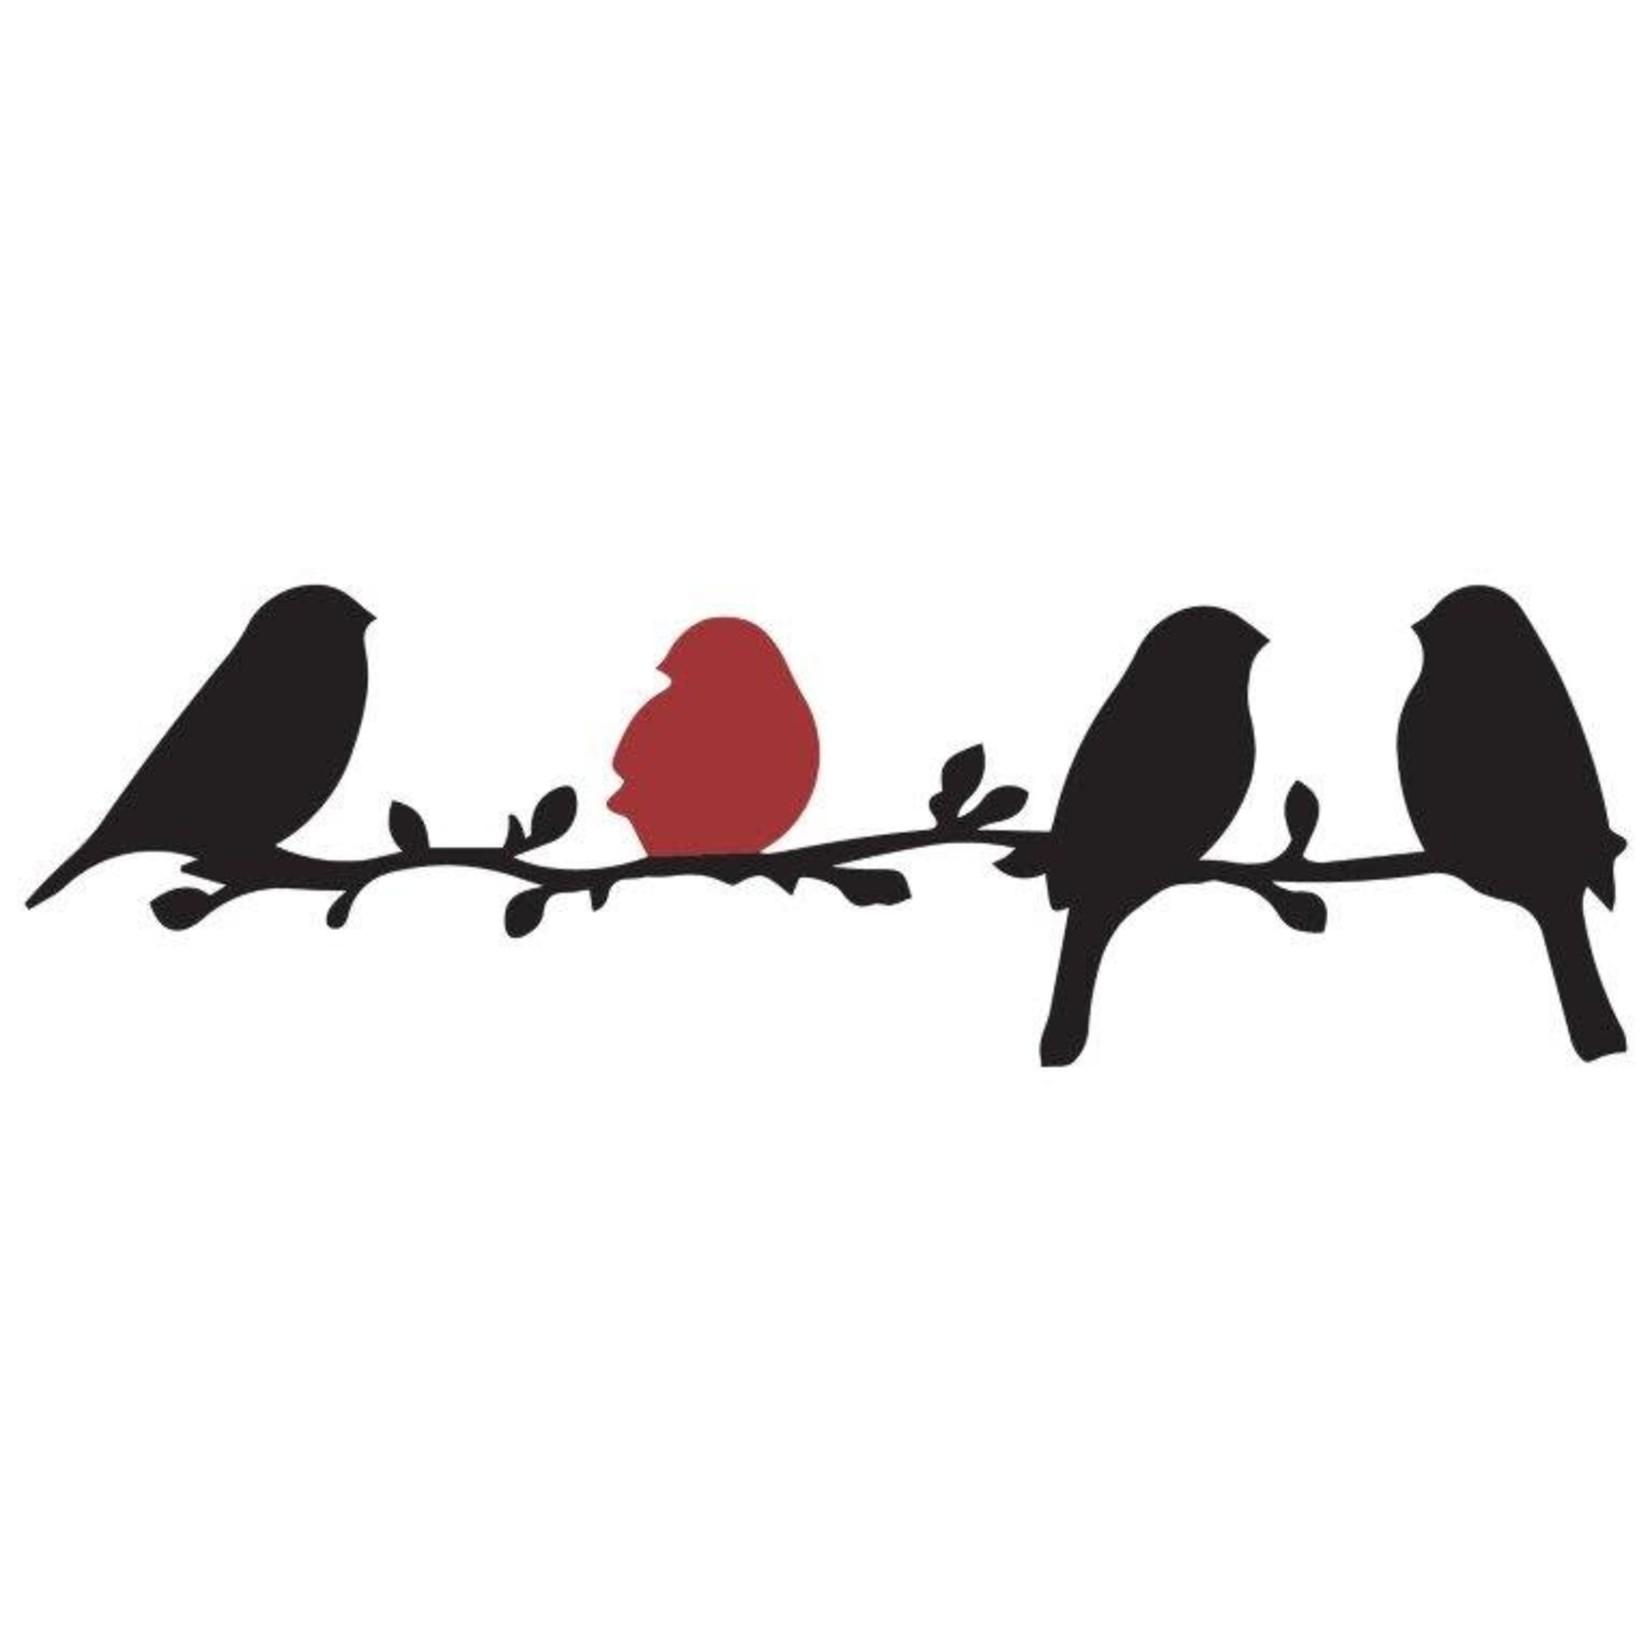 Quilting creations Applicatie - Vogels op tak - Zwart rood